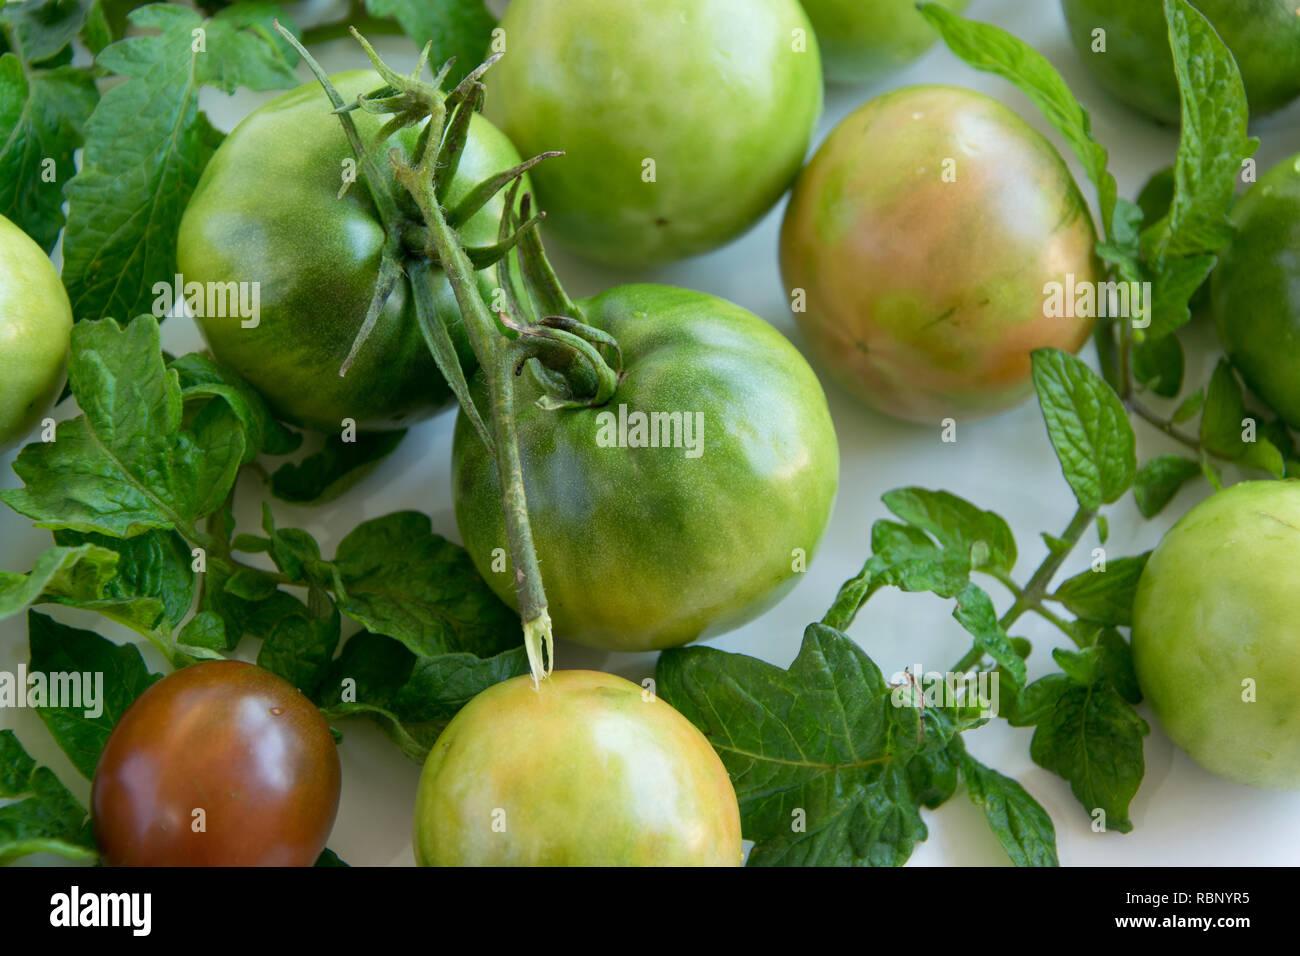 Frais mûrs tomates jardin vert sur fond blanc, de l'espace pour le texte Photo Stock